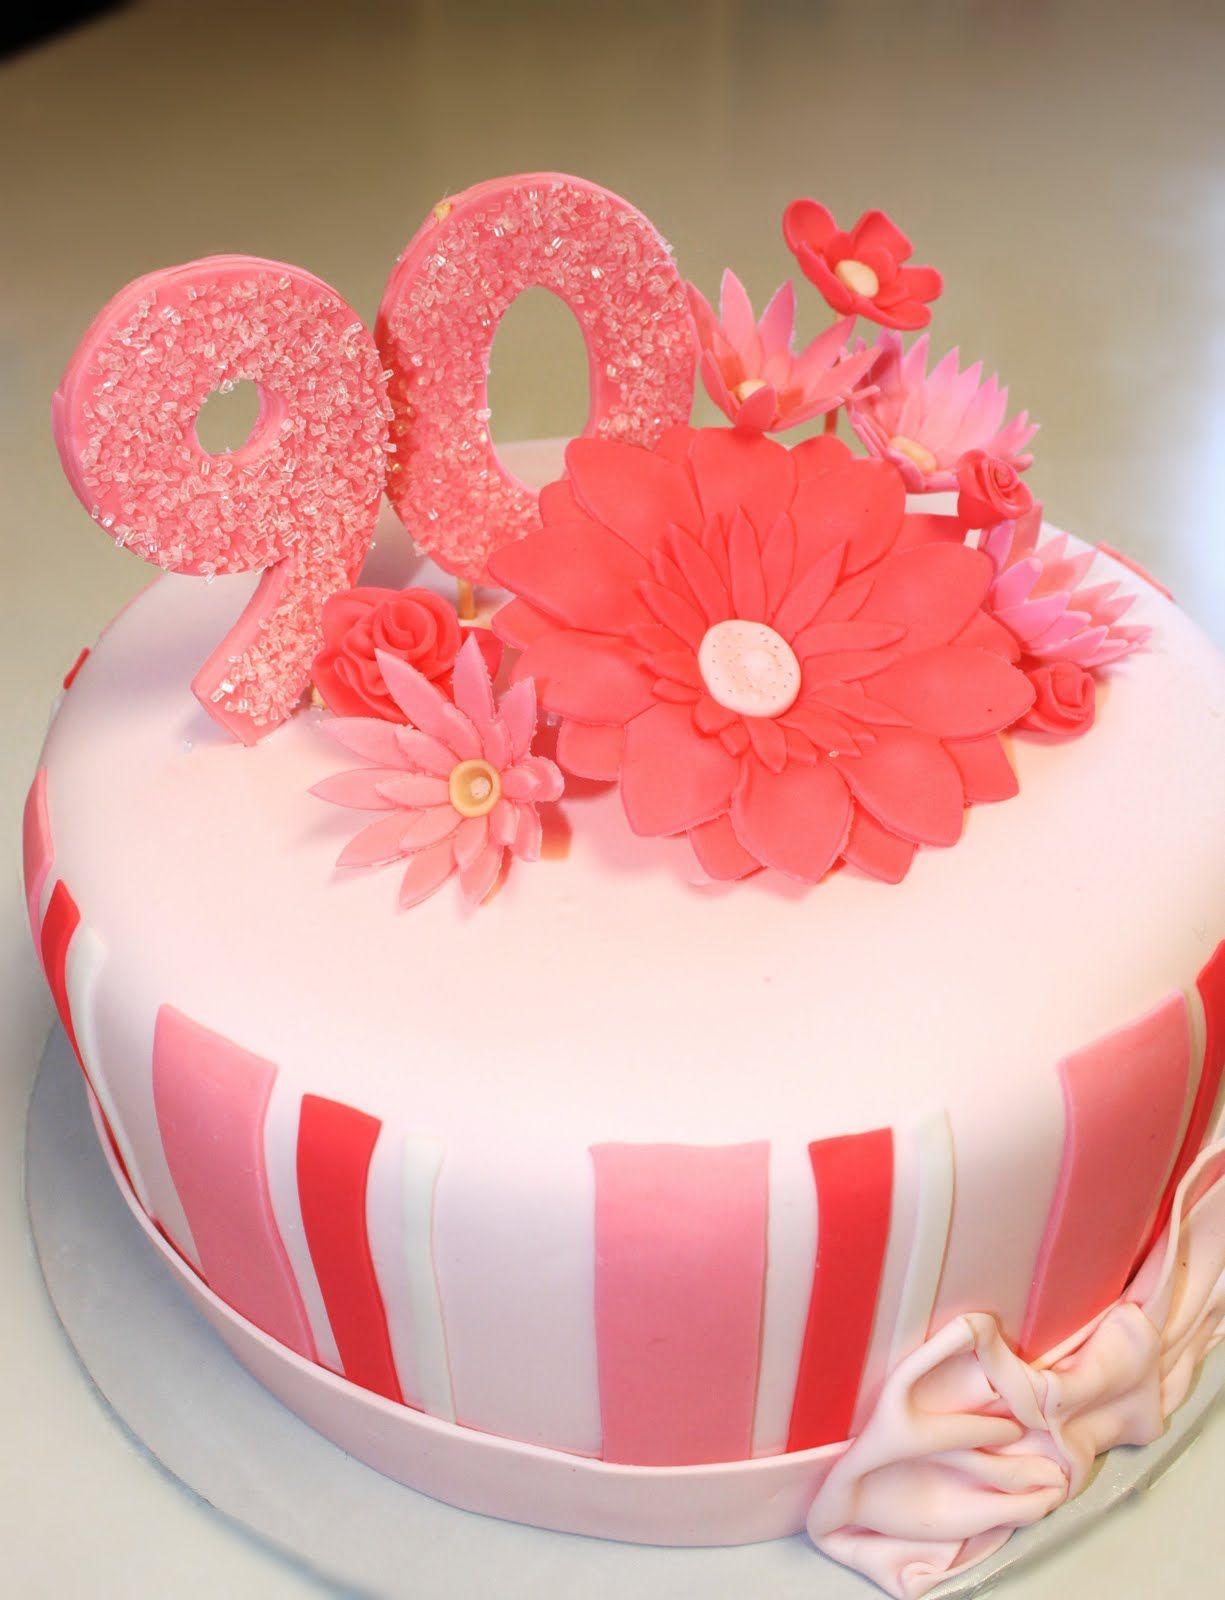 Pin By Darlene Hamer On Cakes